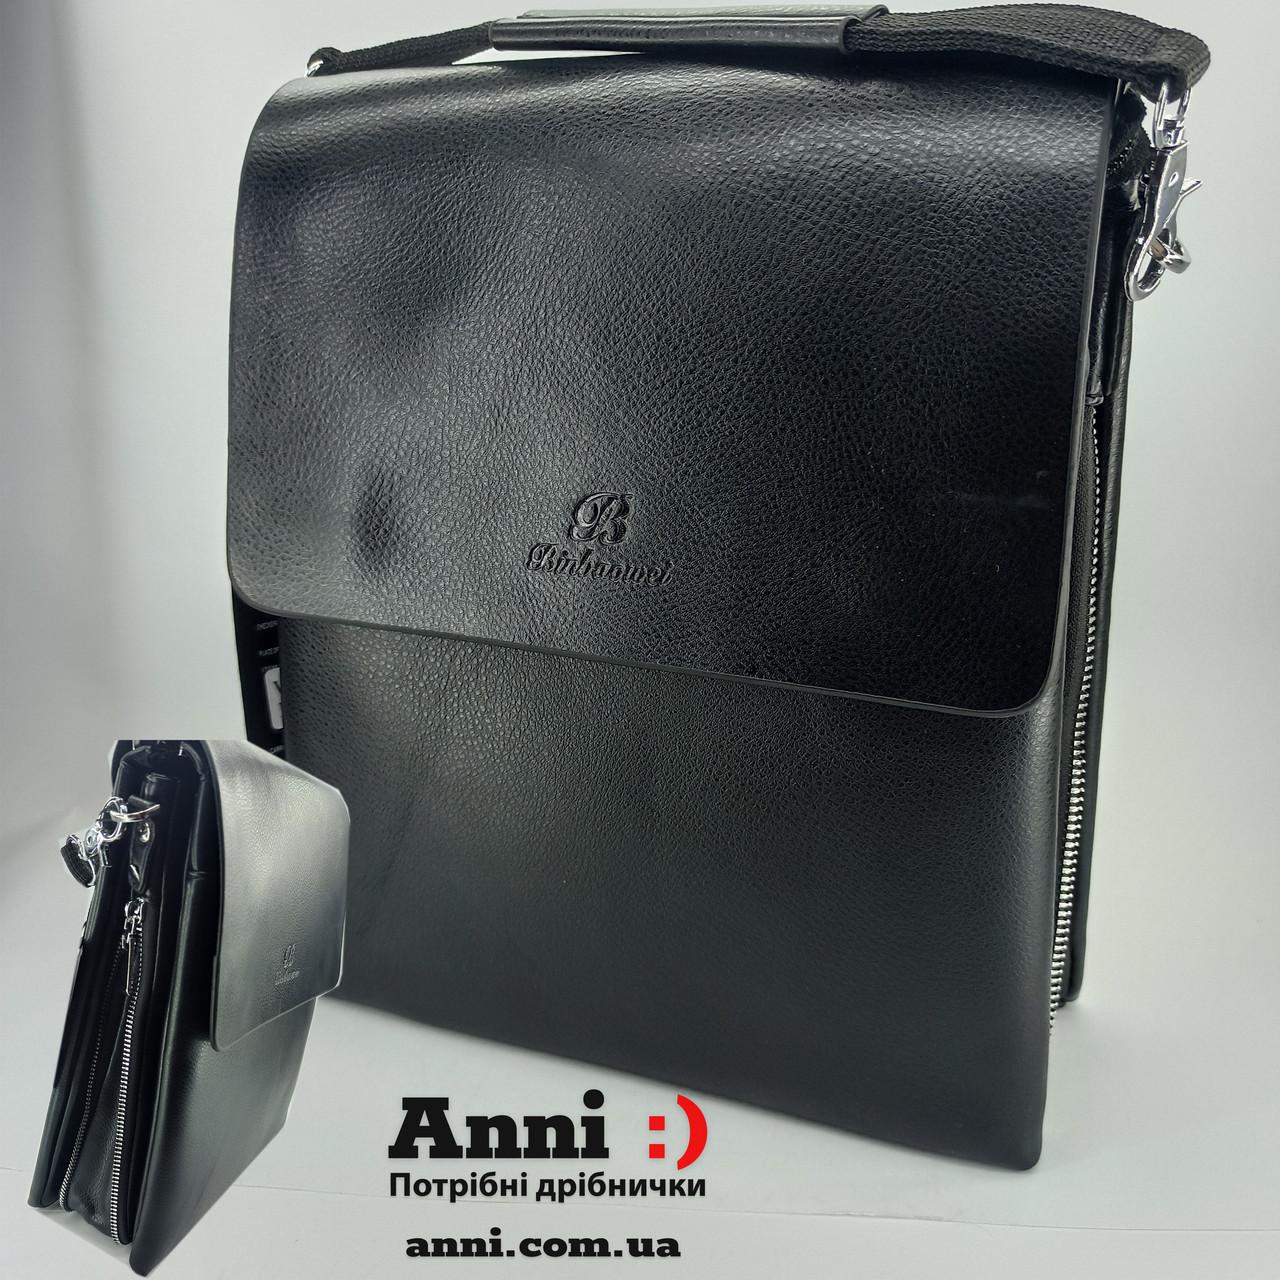 Чоловіча шкіряна сумка через плече  28 см*22 см Модель: V501-4